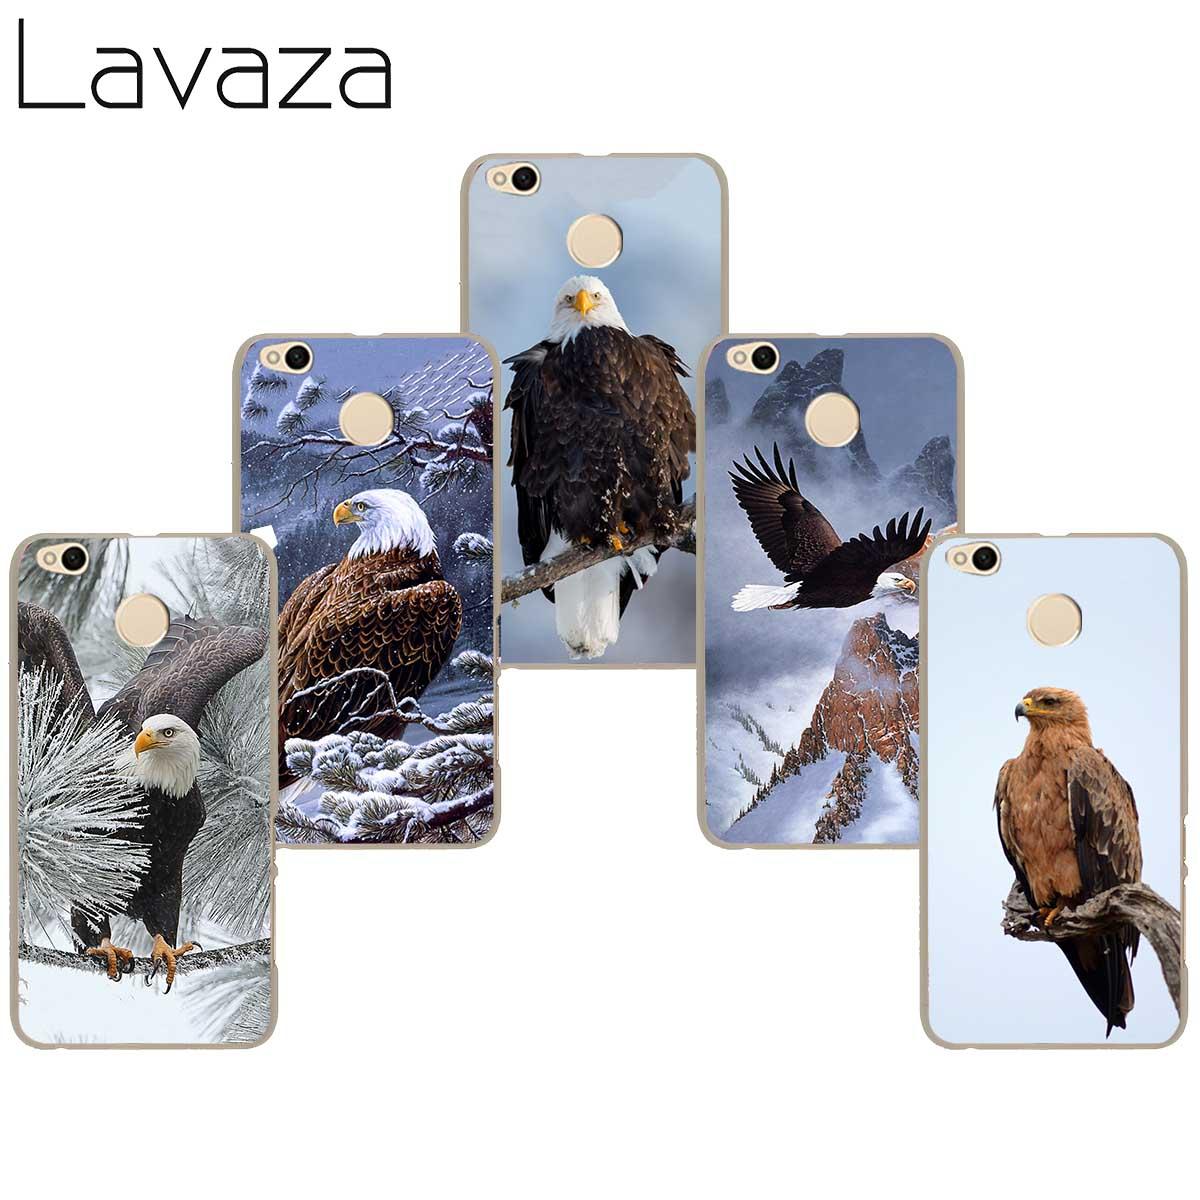 Lavaza 232aa Eagle on the tree Hard Case for Xiaomi Redmi 5a 5 plus 4X 4 4A Pro Note 5a 4 4X 3S 3 Pro Mi a1 5 5s 6